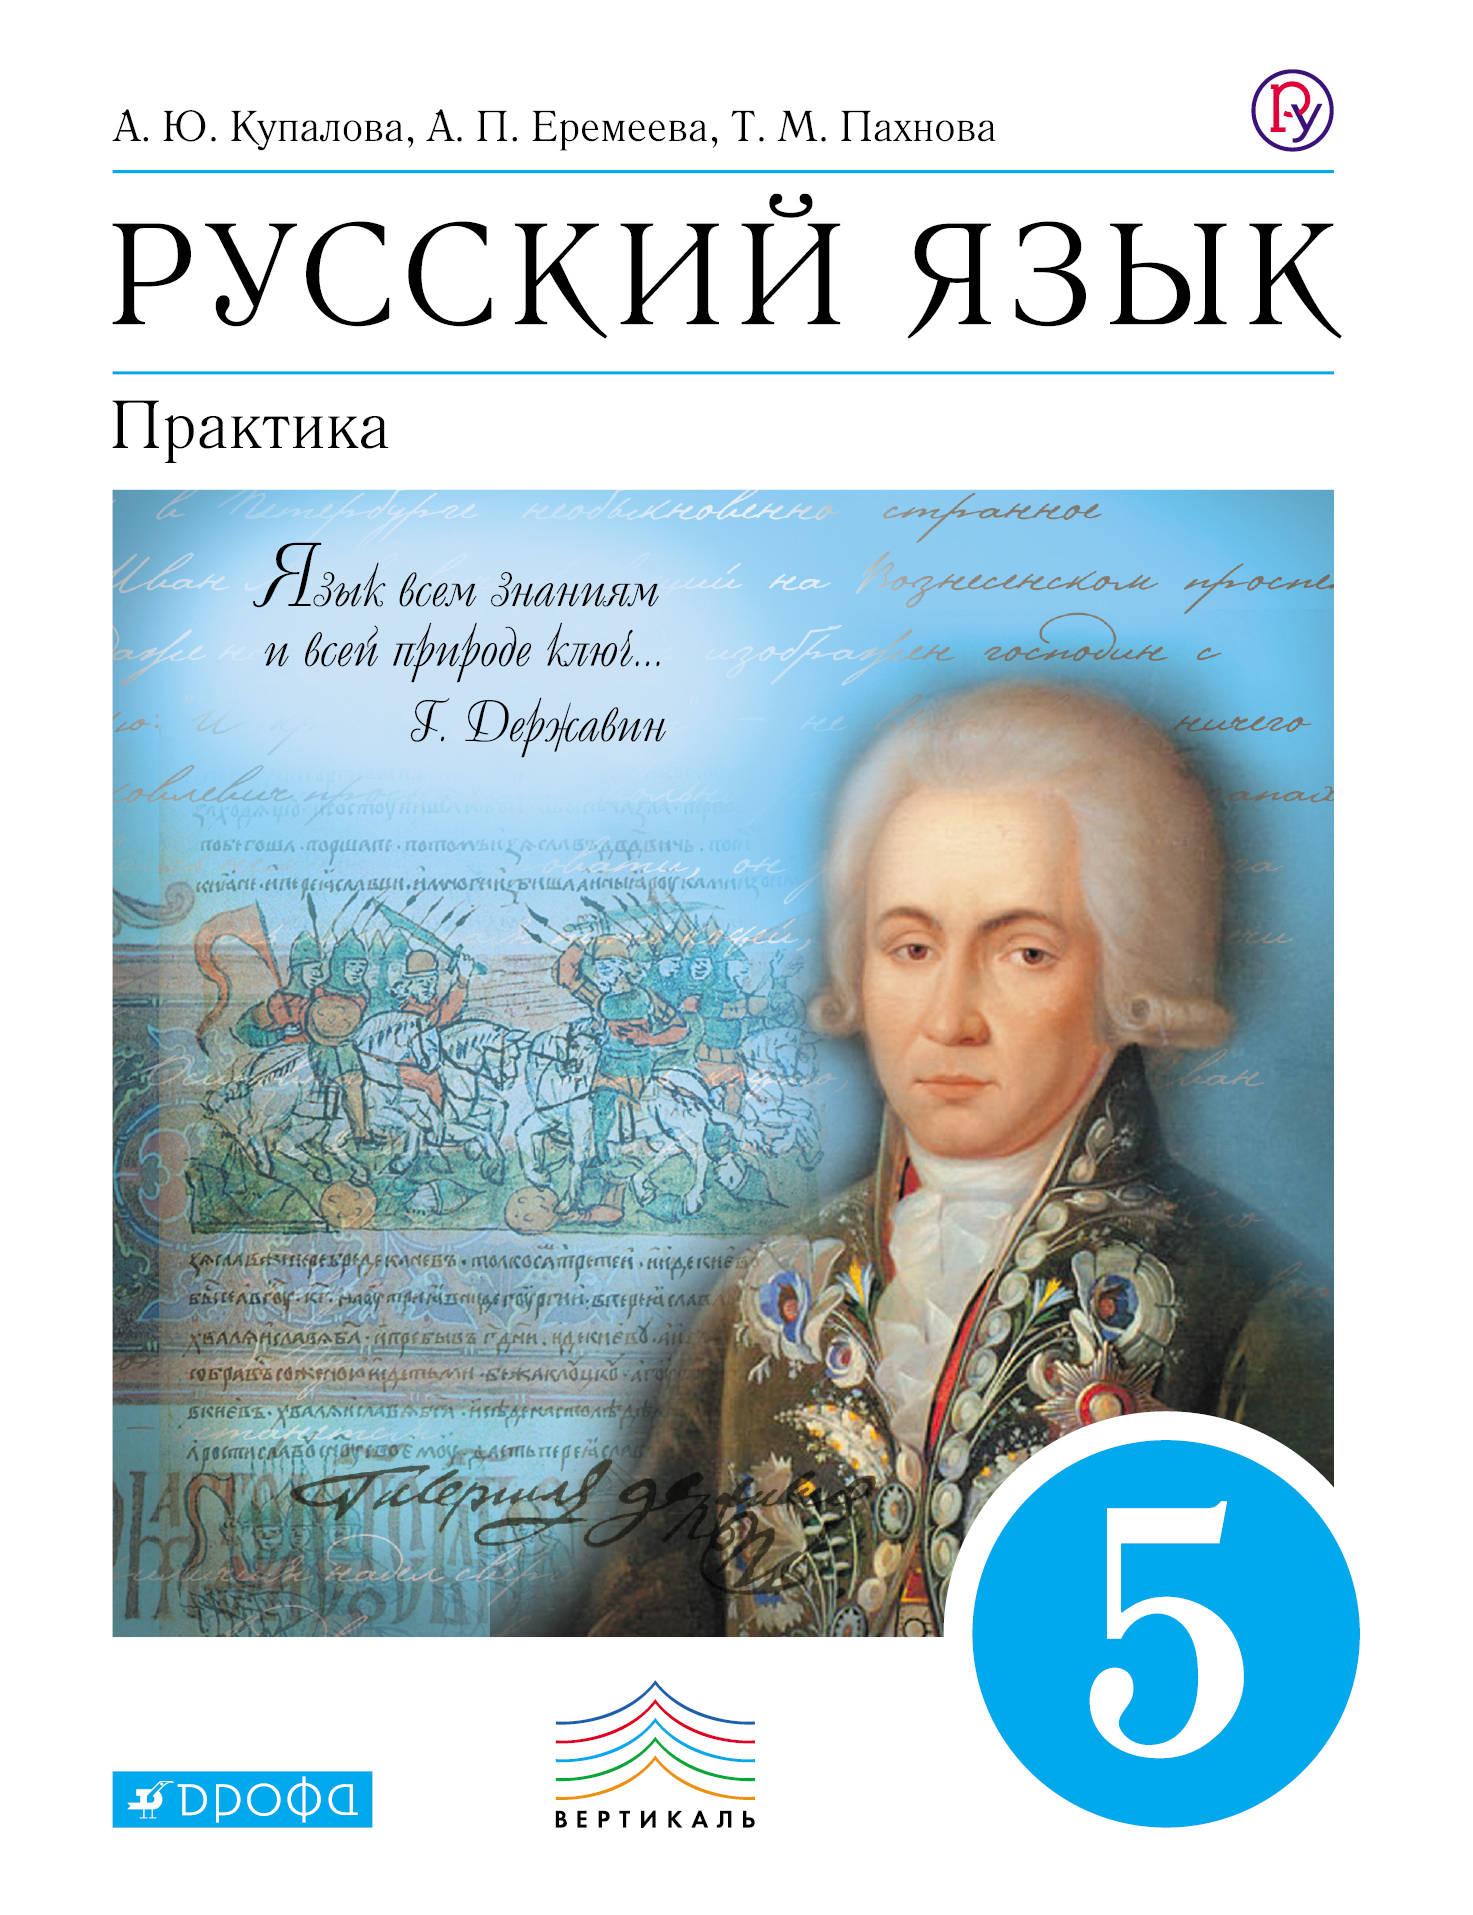 Скачать учебники для электронной книги русский язык 5 класс купалова